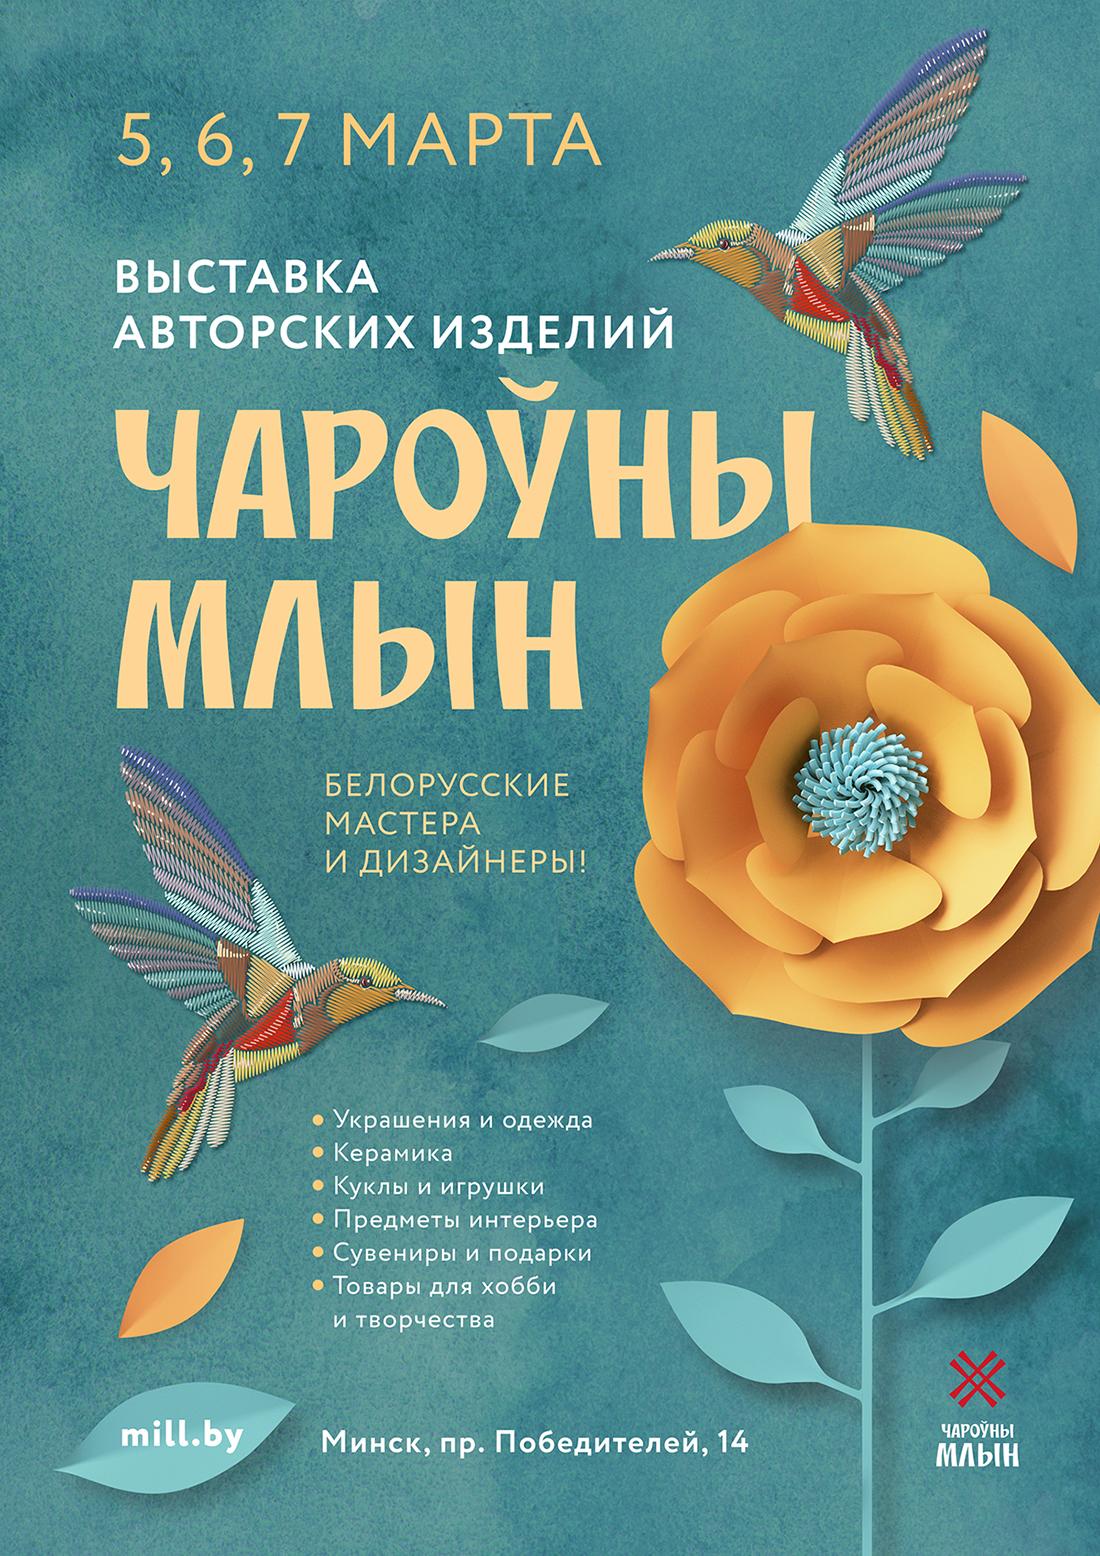 Дизайн-макет афиши выставки ручной работы фото f_3766006fd2622211.jpg